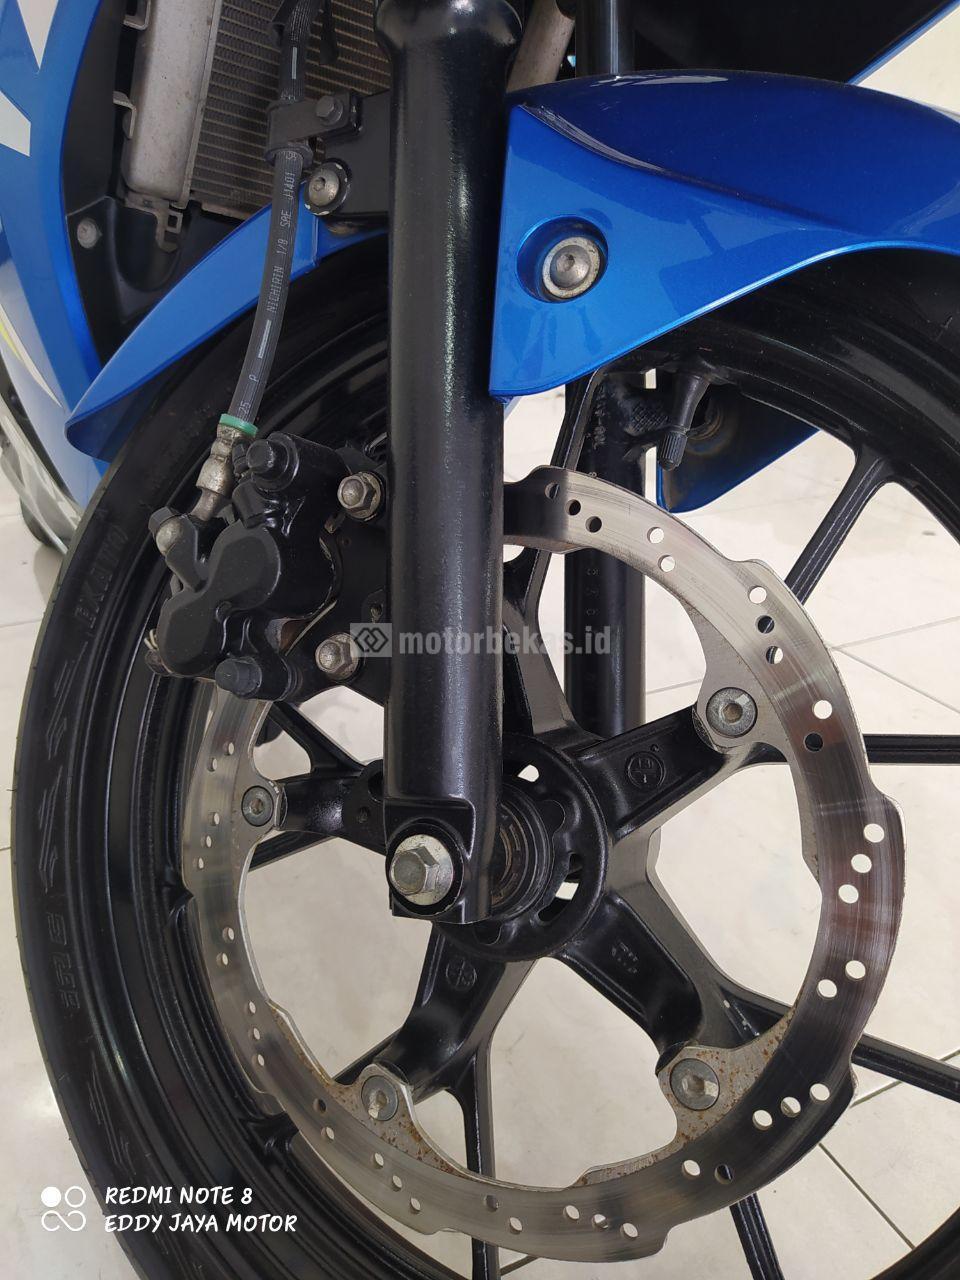 SUZUKI GSX 150R  1173 motorbekas.id